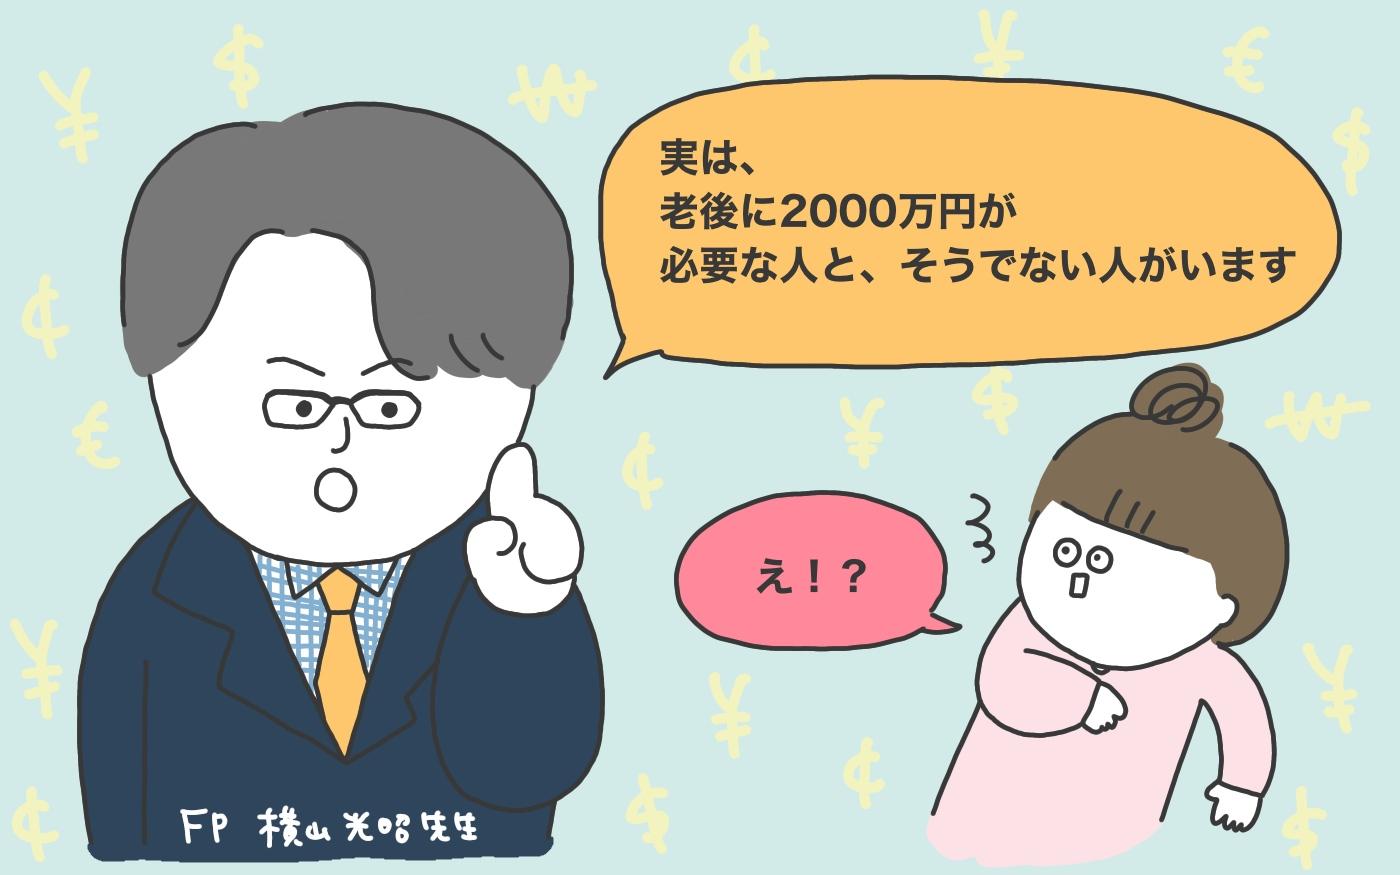 老後資金「2000万円以上必要な人」と「2000万円かからない人」